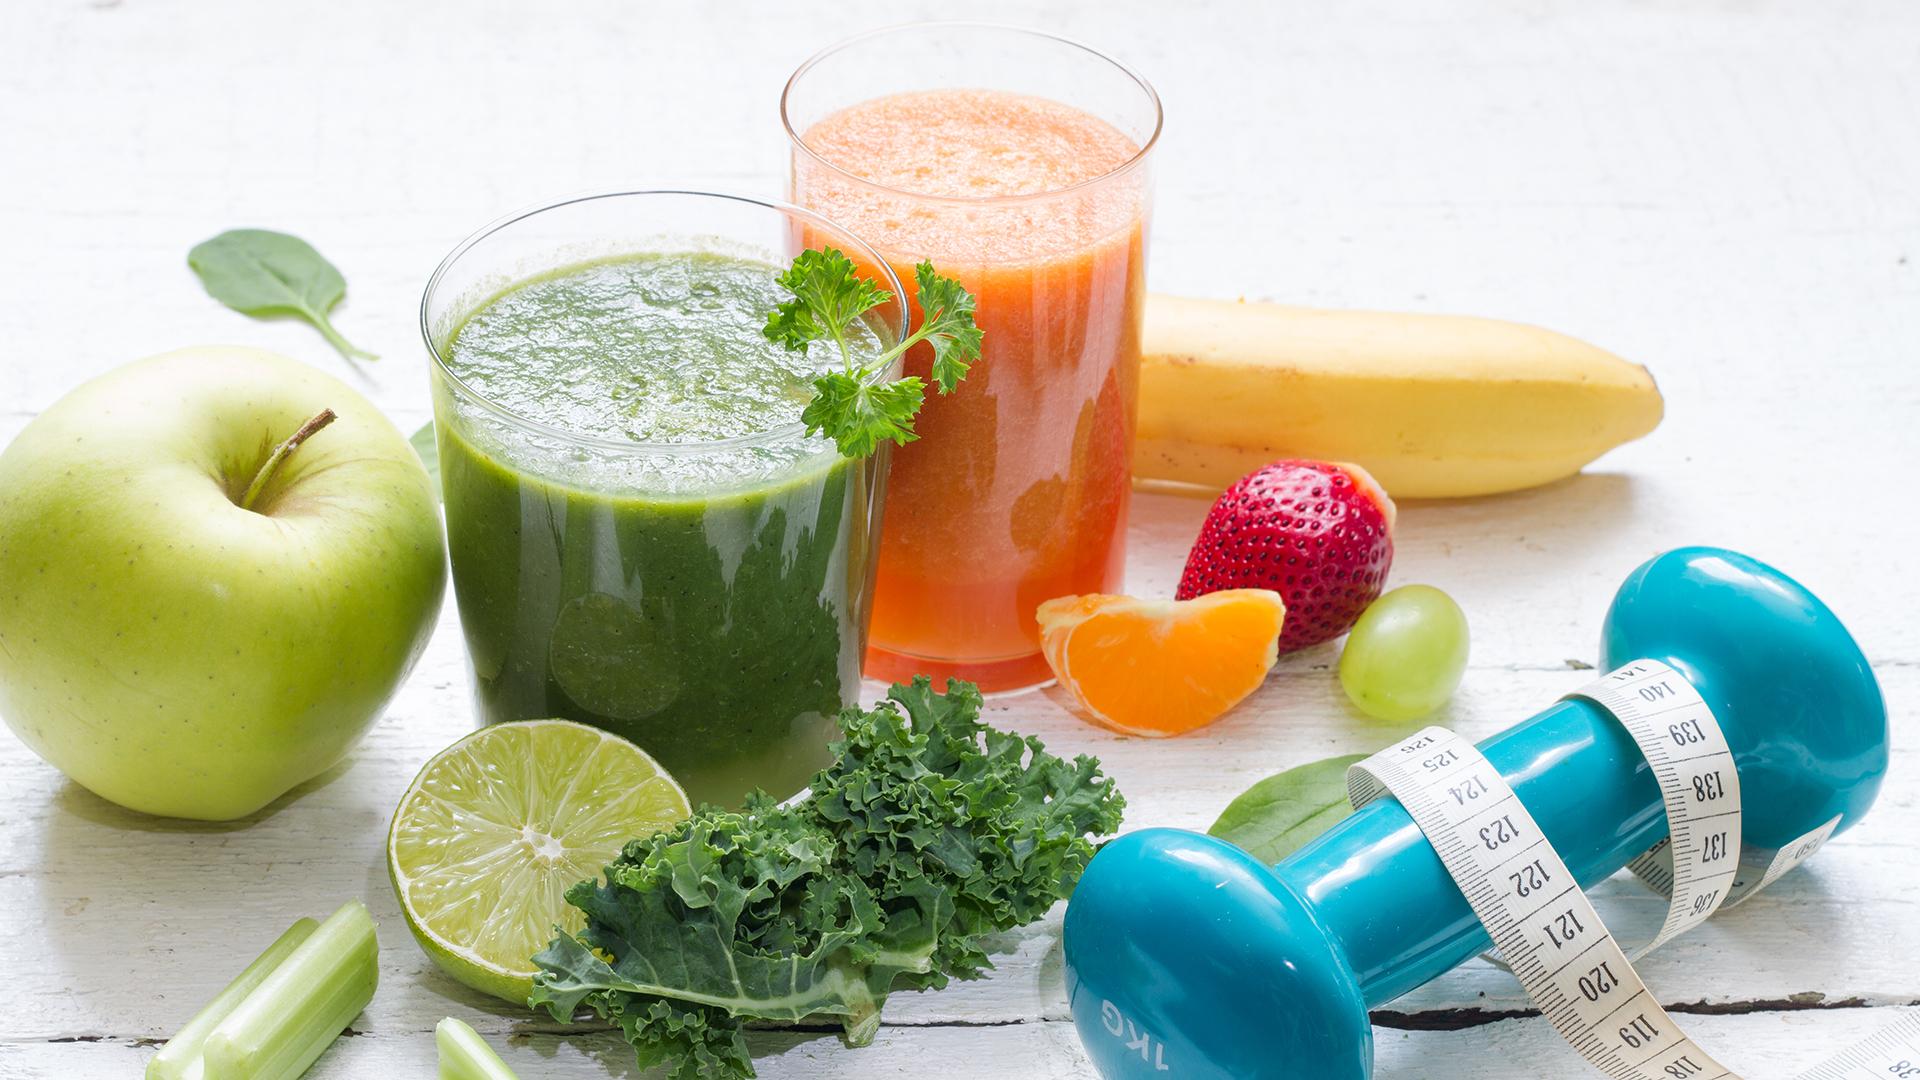 La práctica de buenos hábitos alimentarios ayuda a reforzar el sistema inmunológico (Getty)